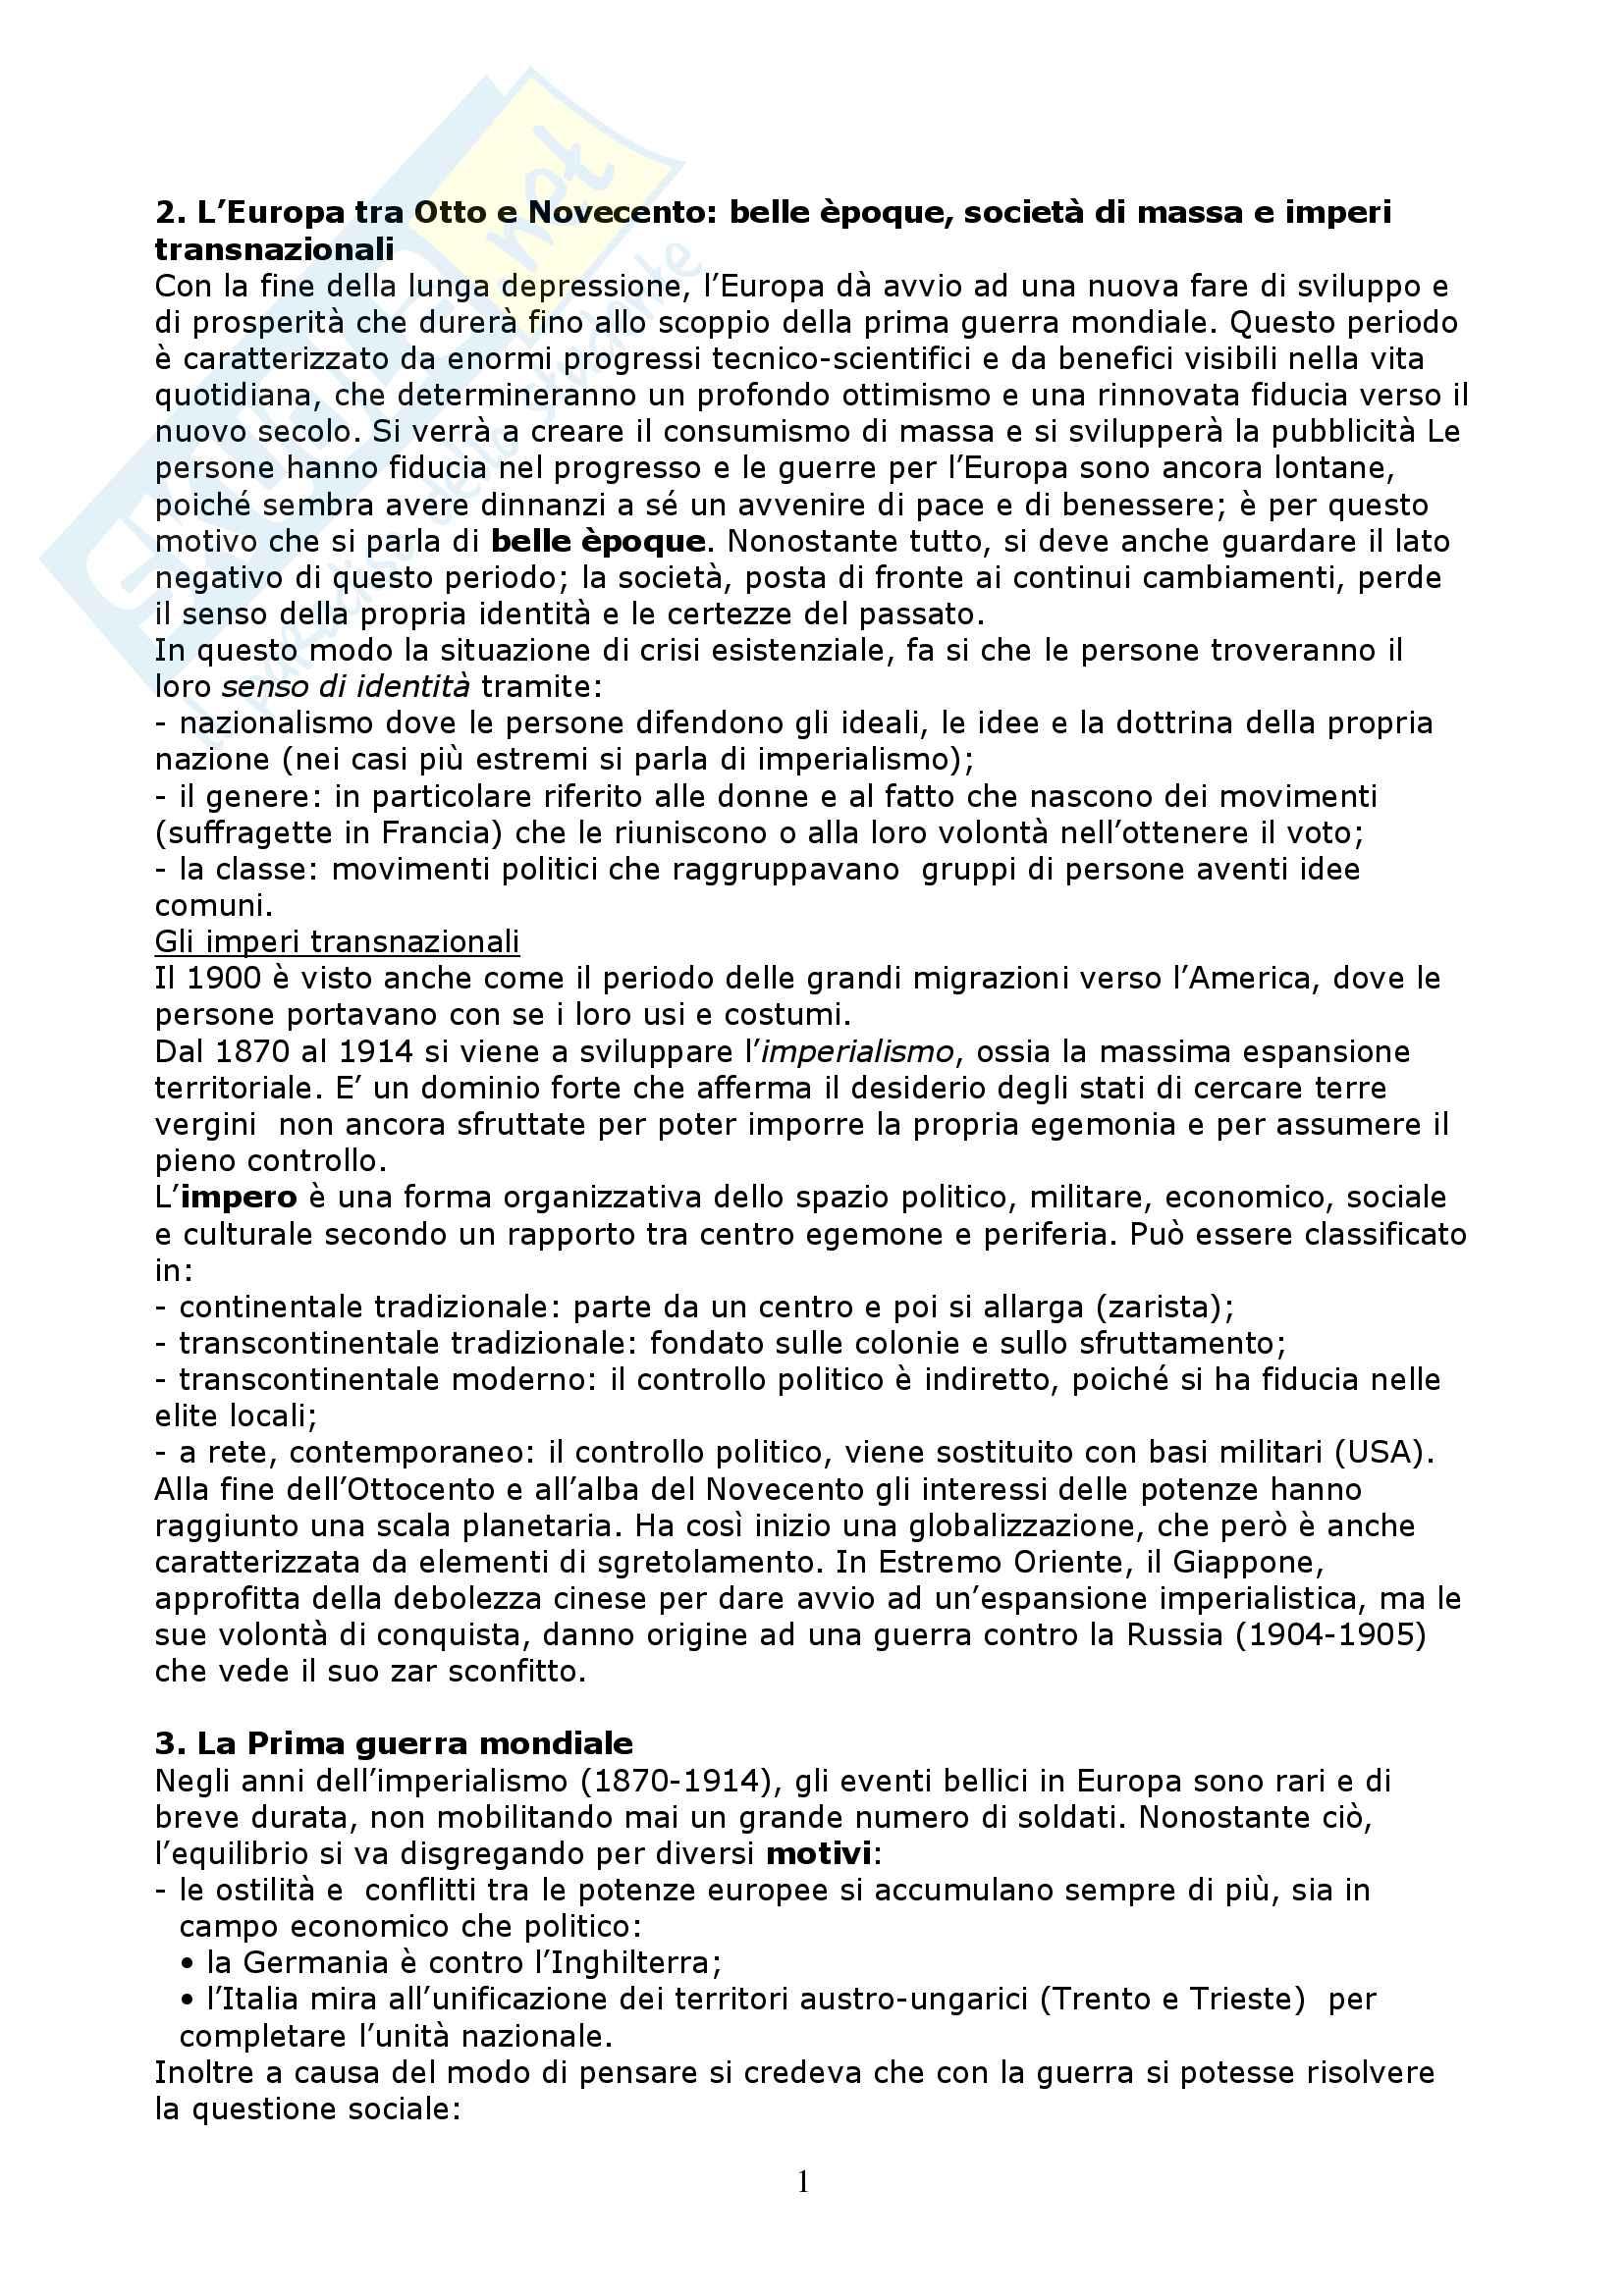 Appunti di Storia contemporanea, prof. Maccarini